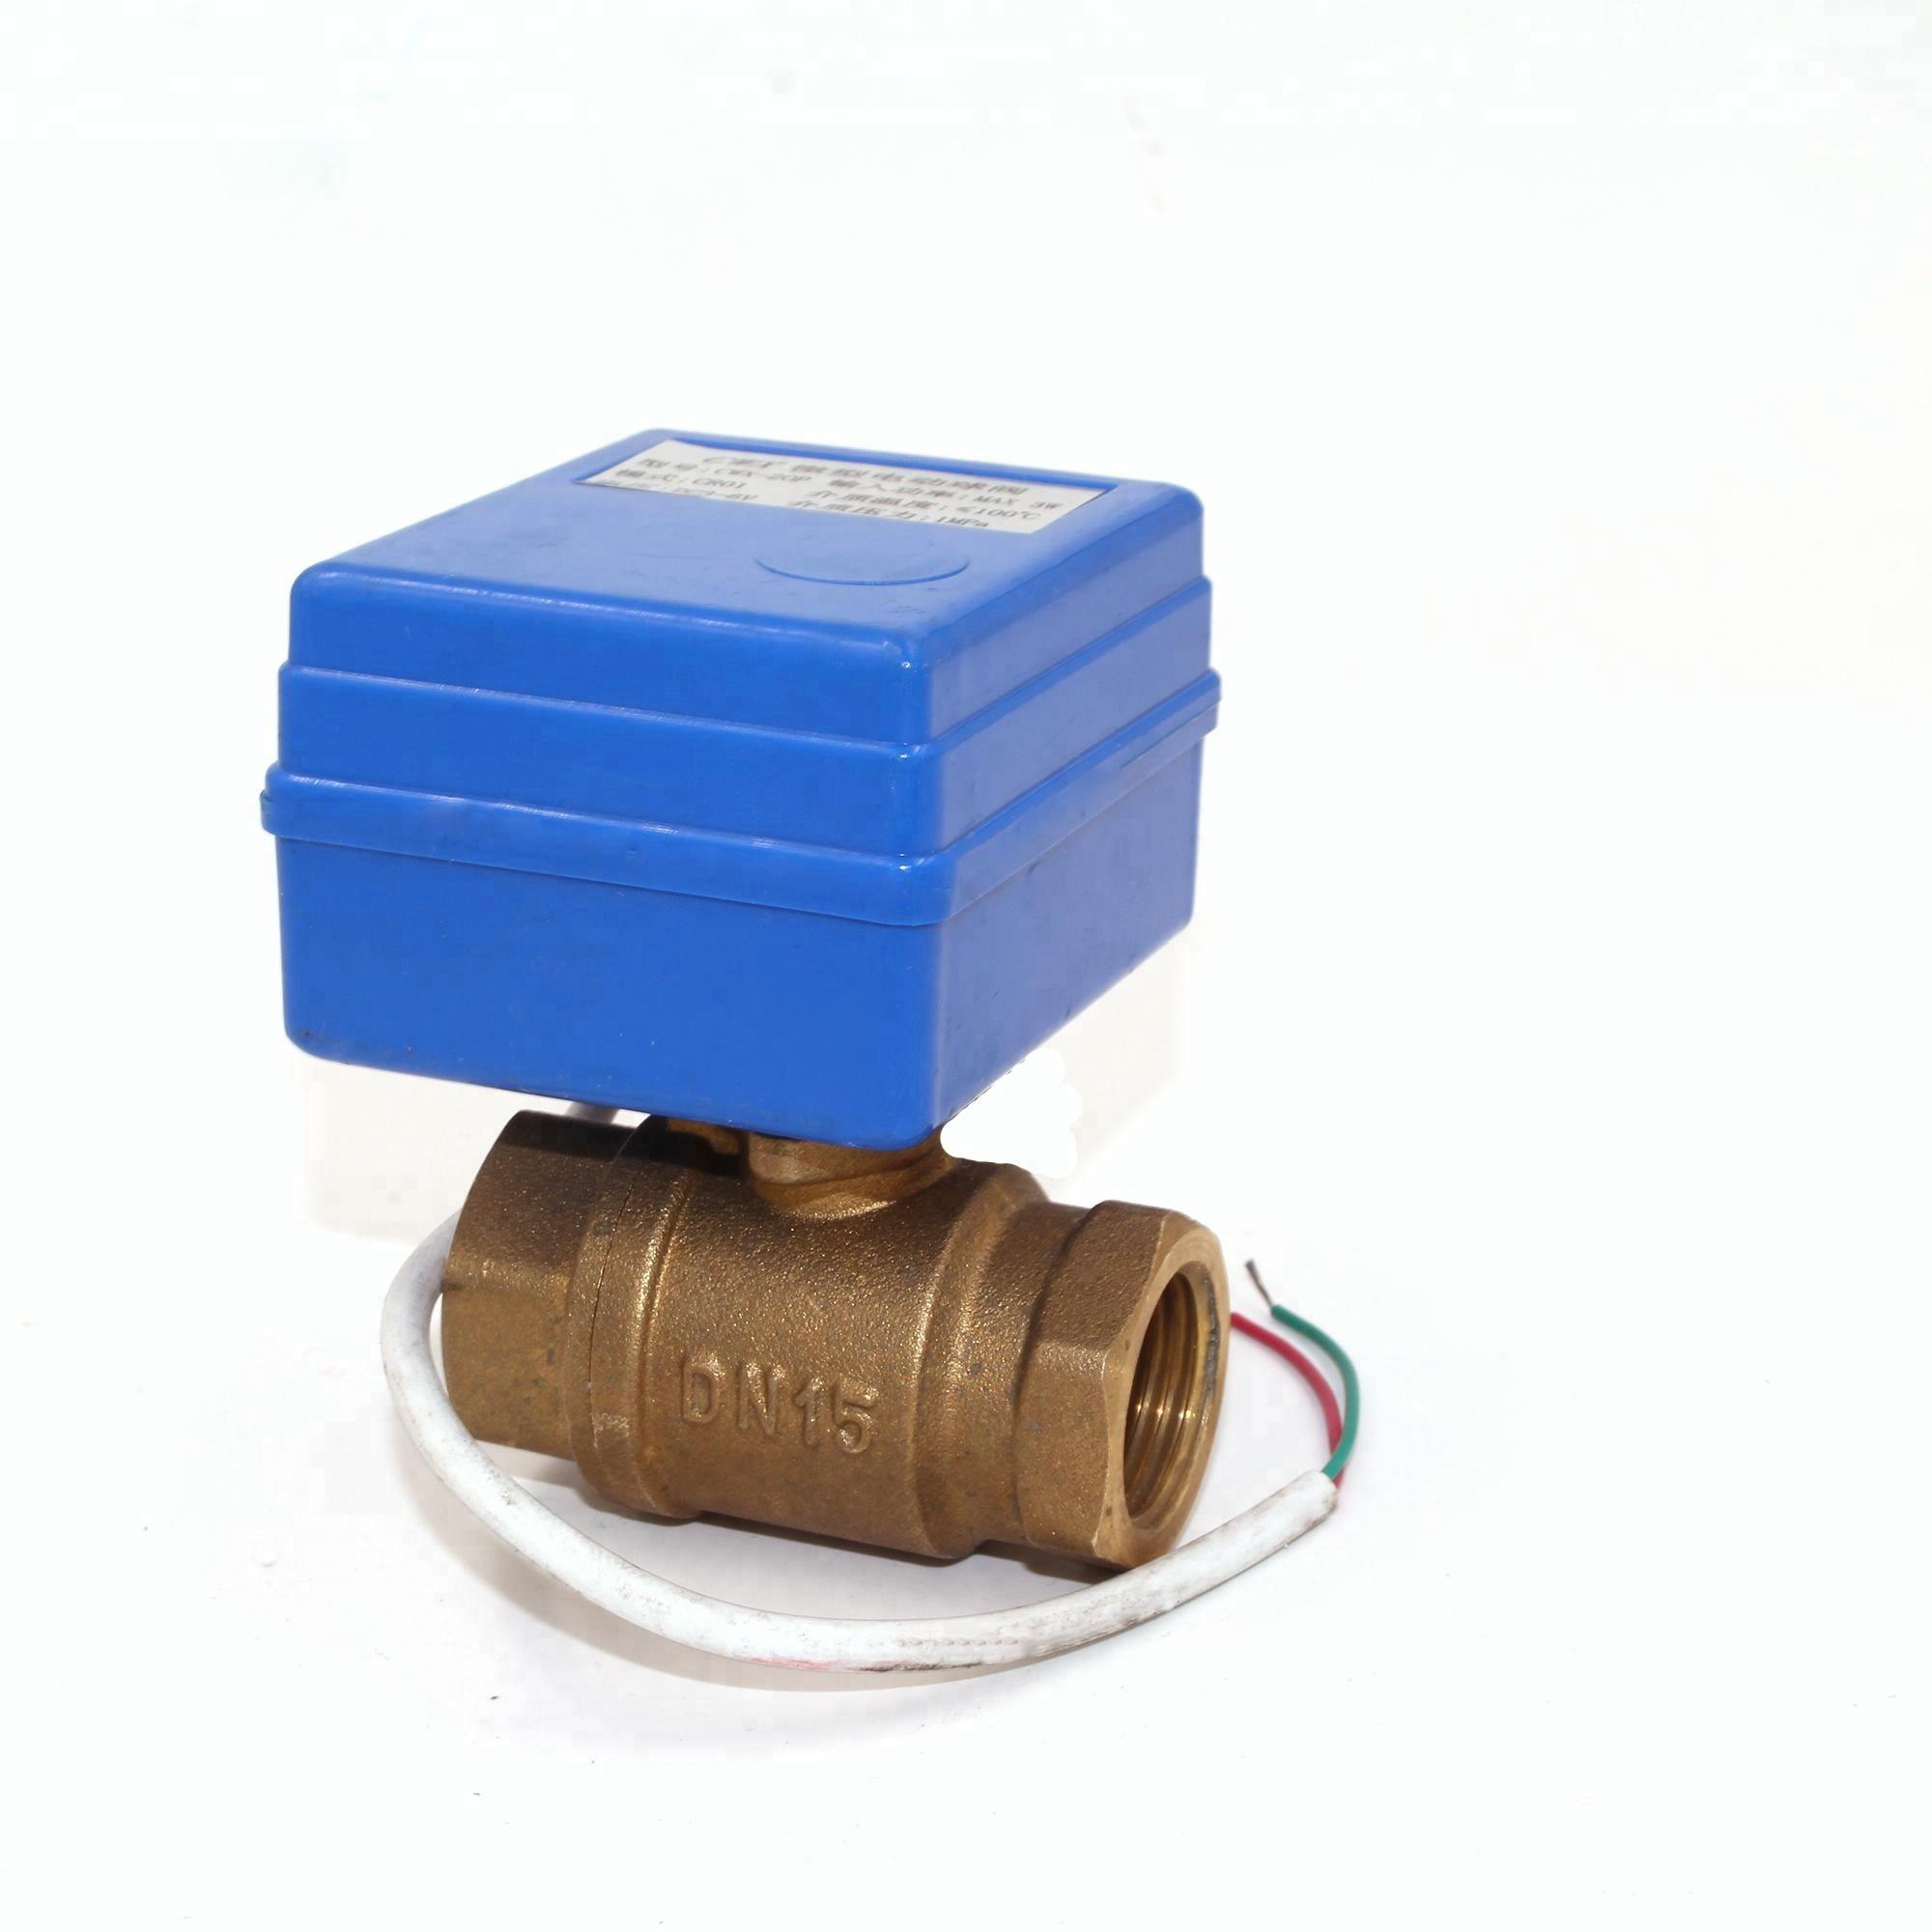 CWX 1 0D 5V 3V 12V mini motorized valve for water strong meter